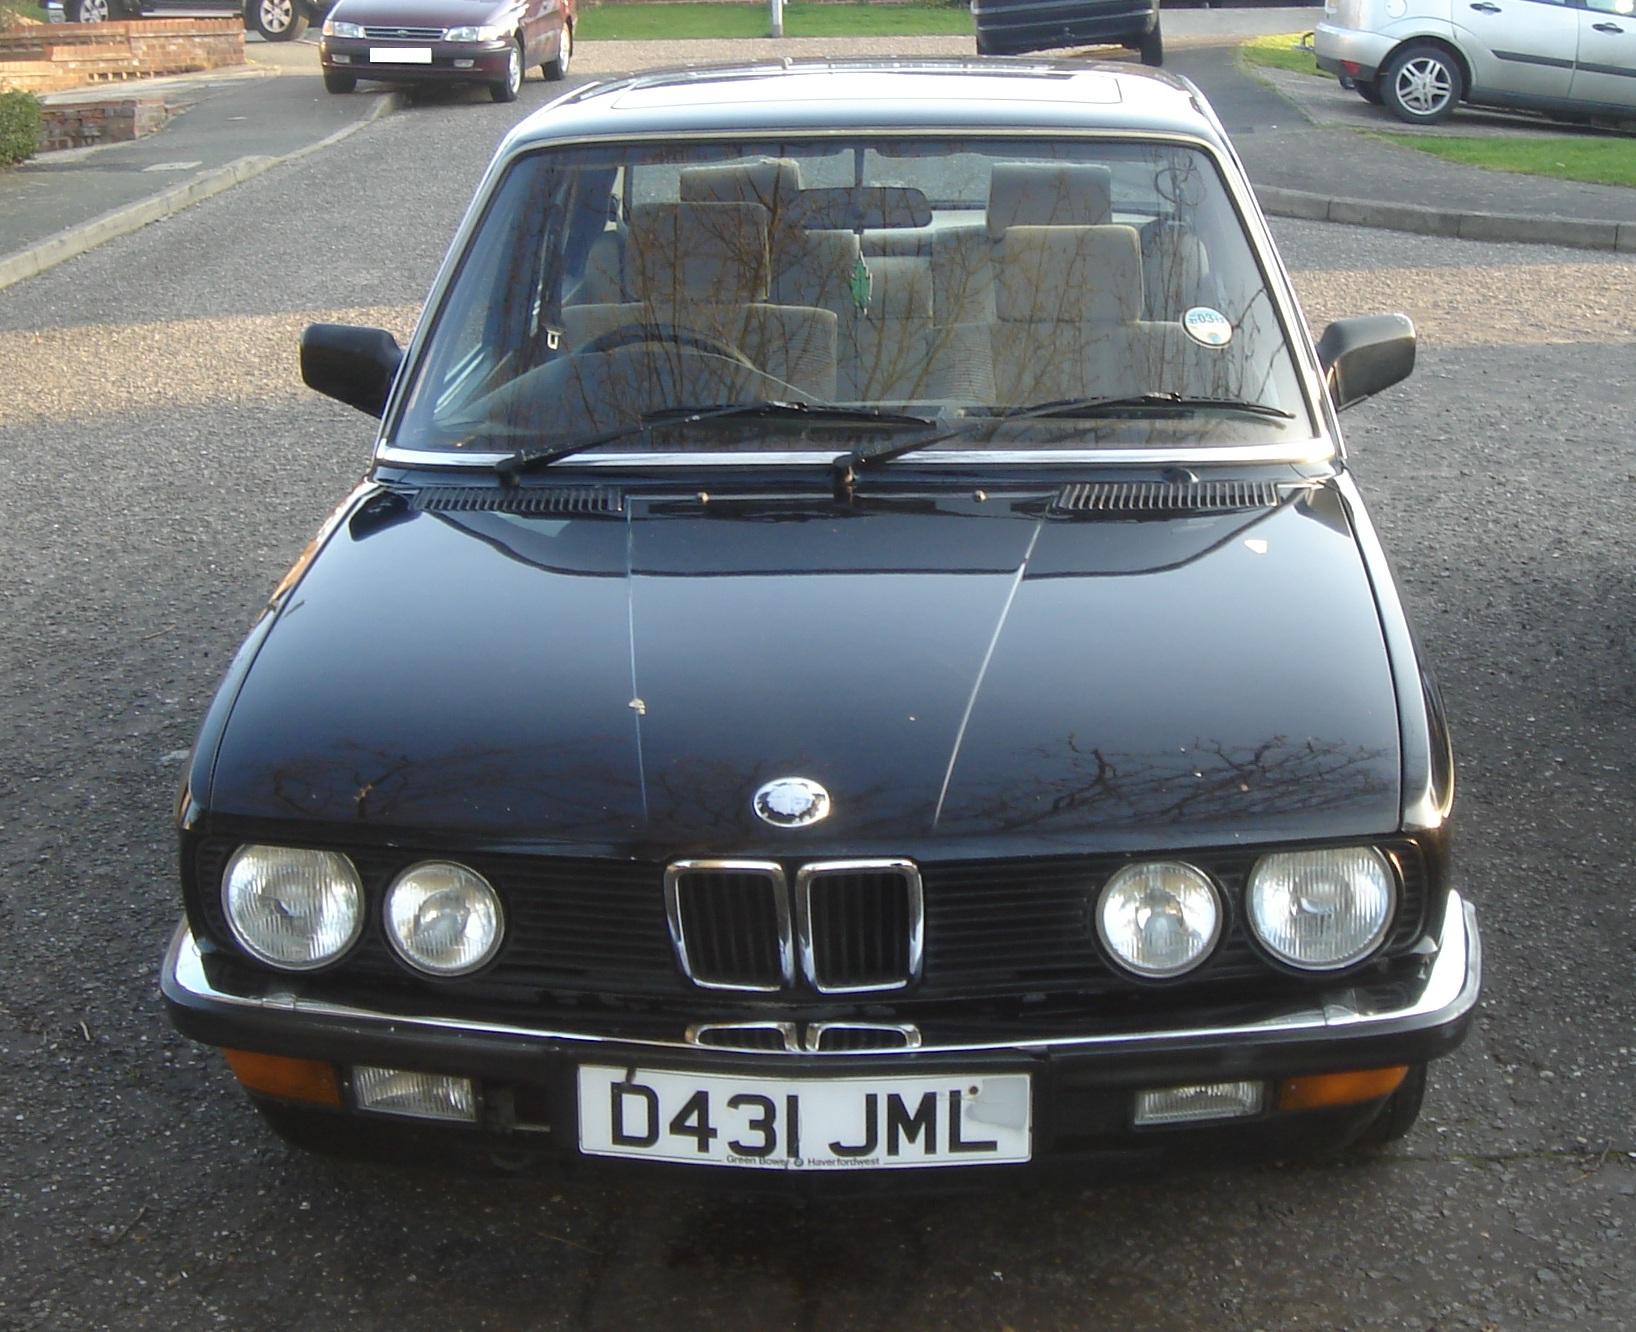 Bmw 5 Series E28 Classic Cars Wiki Fandom Powered By Wikia